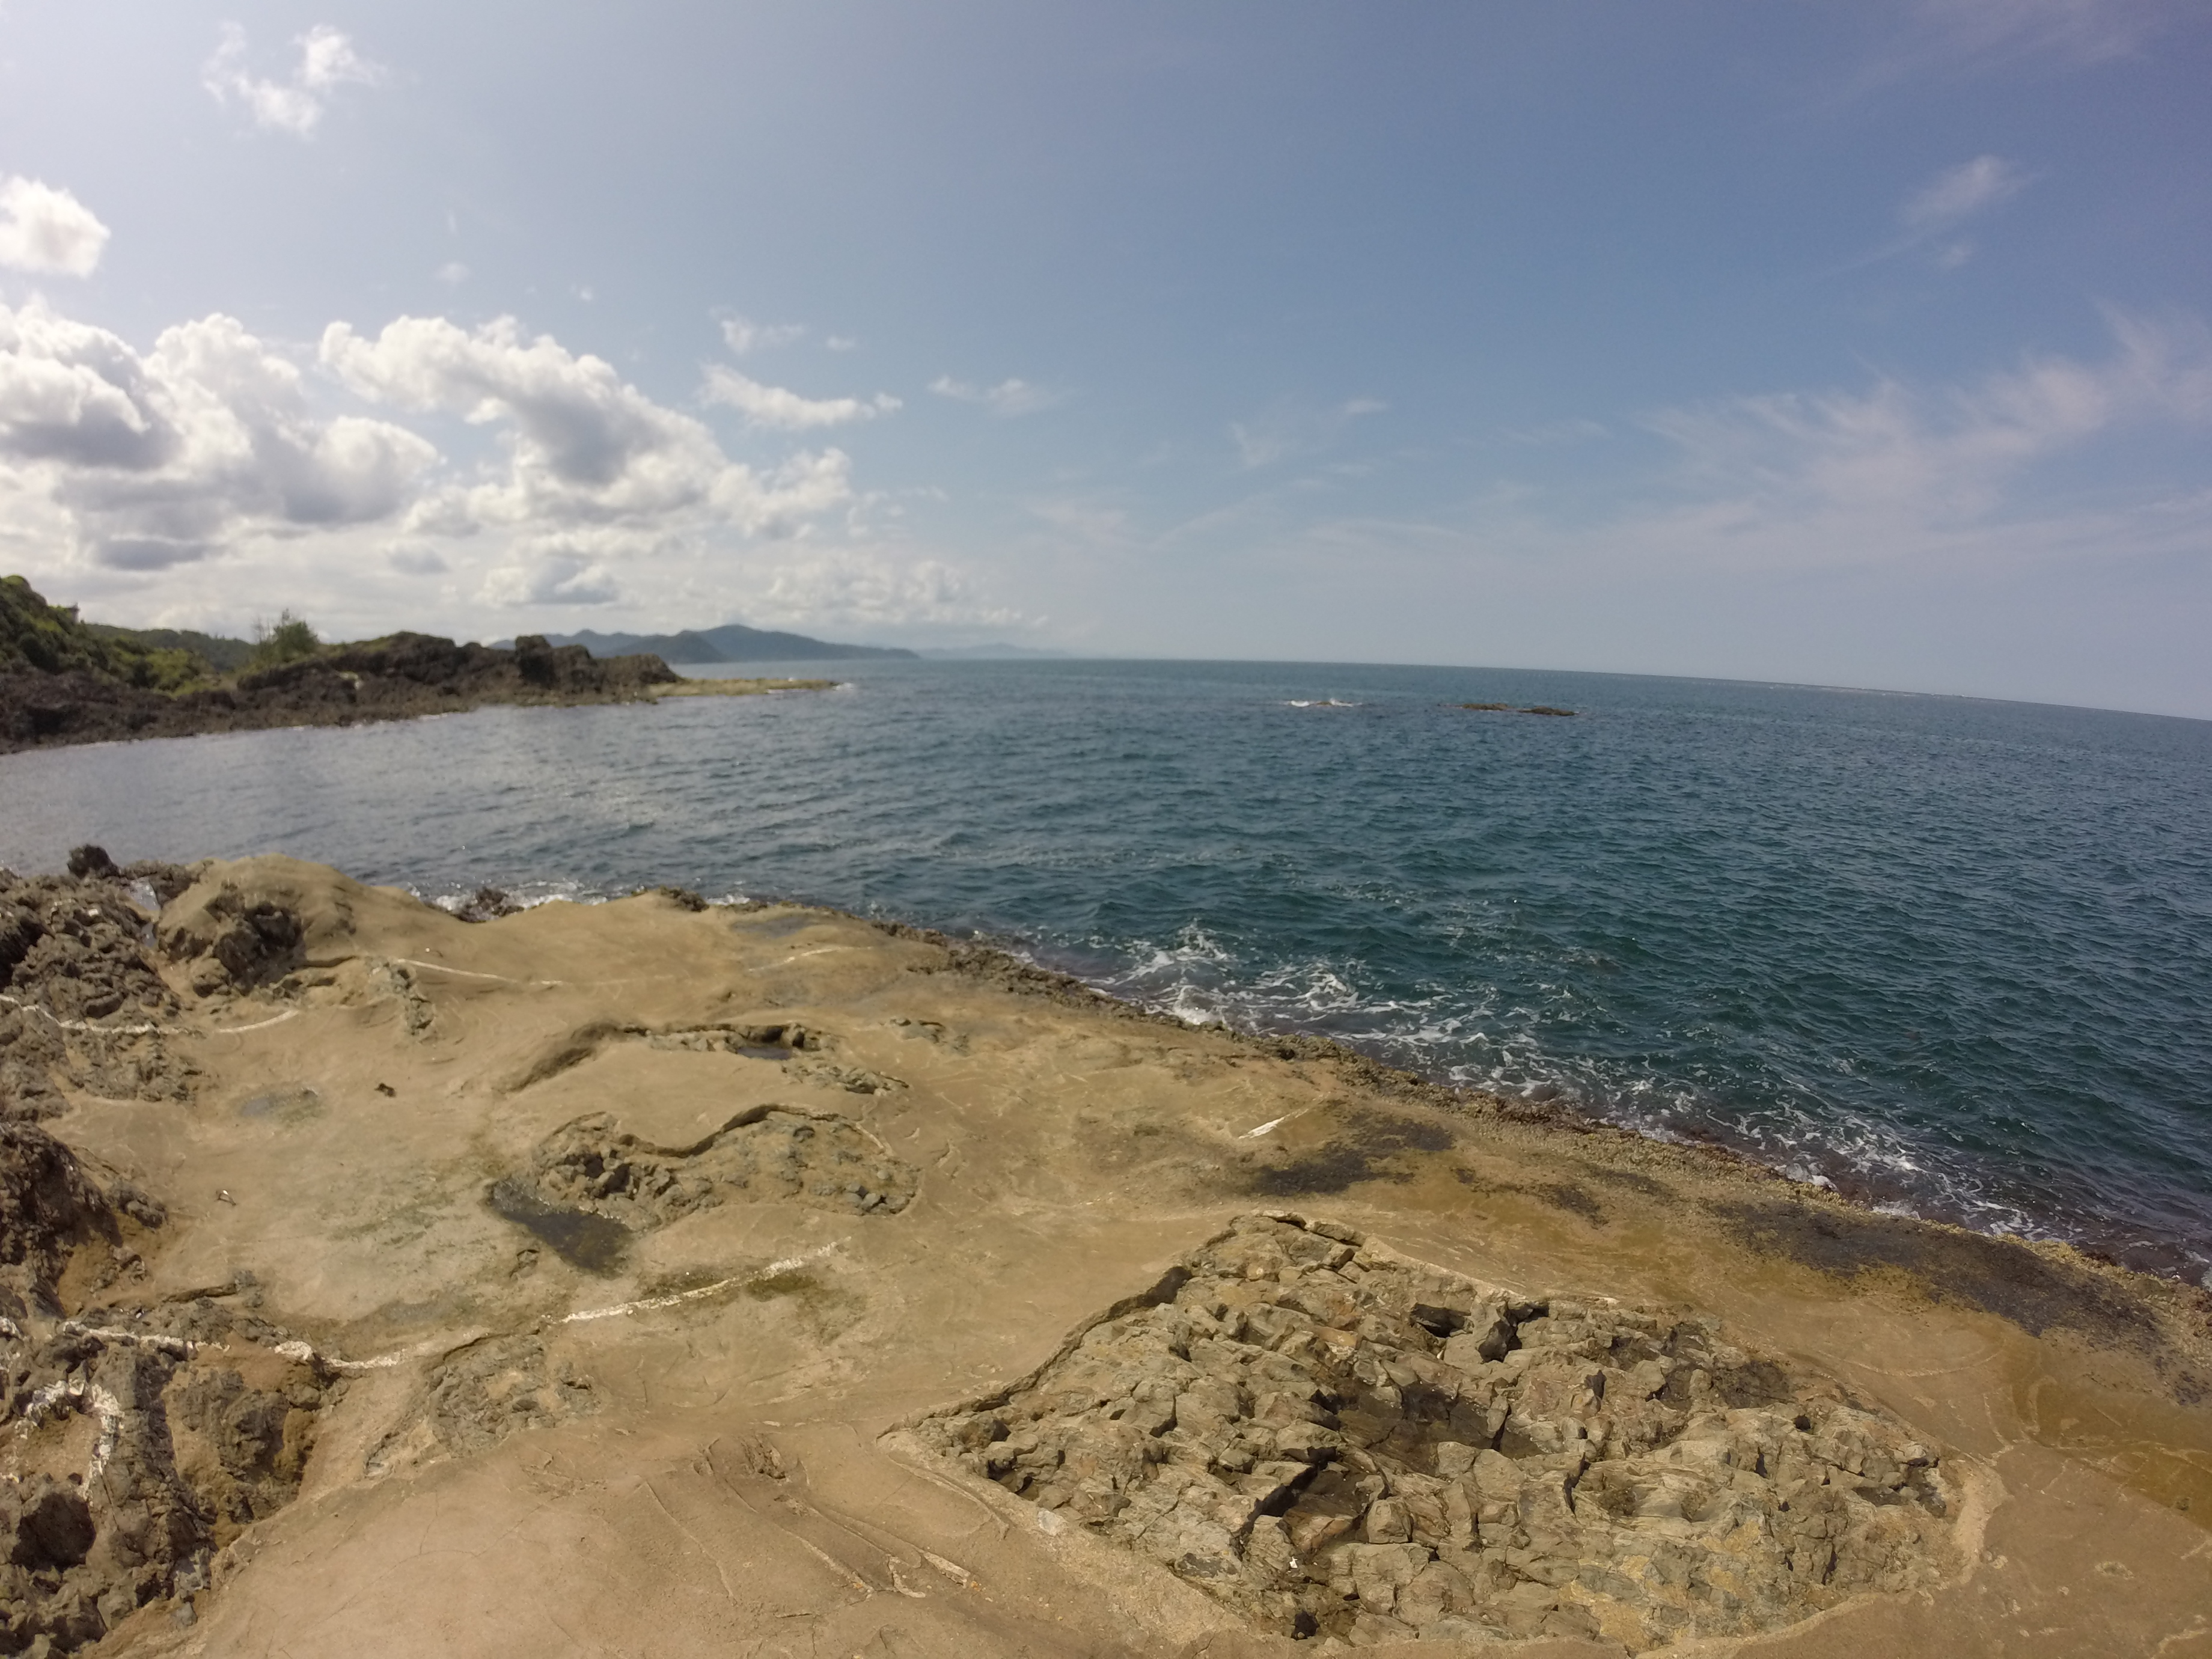 砂方ワニガブチの釣り場紹介、京都丹後のエギングとショアジギングにオススメの手軽な1級地磯